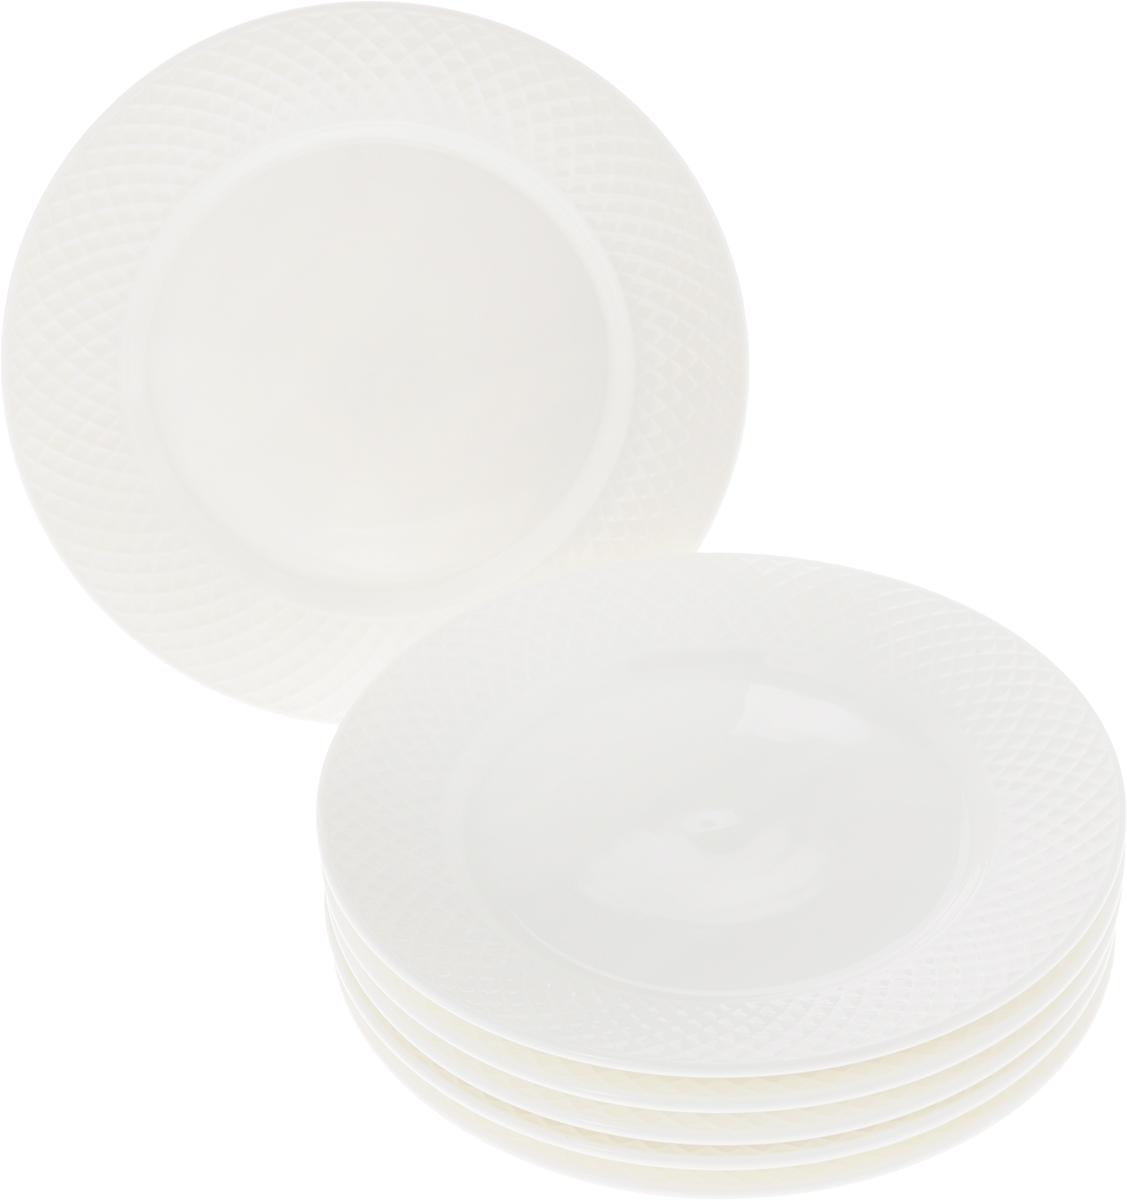 Набор тарелок Wilmax, диаметр 20 см, 6 предметовWL-880100-JV / 6CНабор Wilmax состоит из 6 десертныхтарелок. Изделия выполнены из высококачественного фарфораи имеют классическую круглую форму.Такой набор прекрасно подойдет как для повседневногоиспользования, так и для праздников.Набор тарелок Wilmax - это не только полезный подарок дляродных и близких, а также великолепное дизайнерскоерешение для вашей кухни или столовой.Диаметр десертной тарелки: 20 см.Высота десертной тарелки: 2 см.